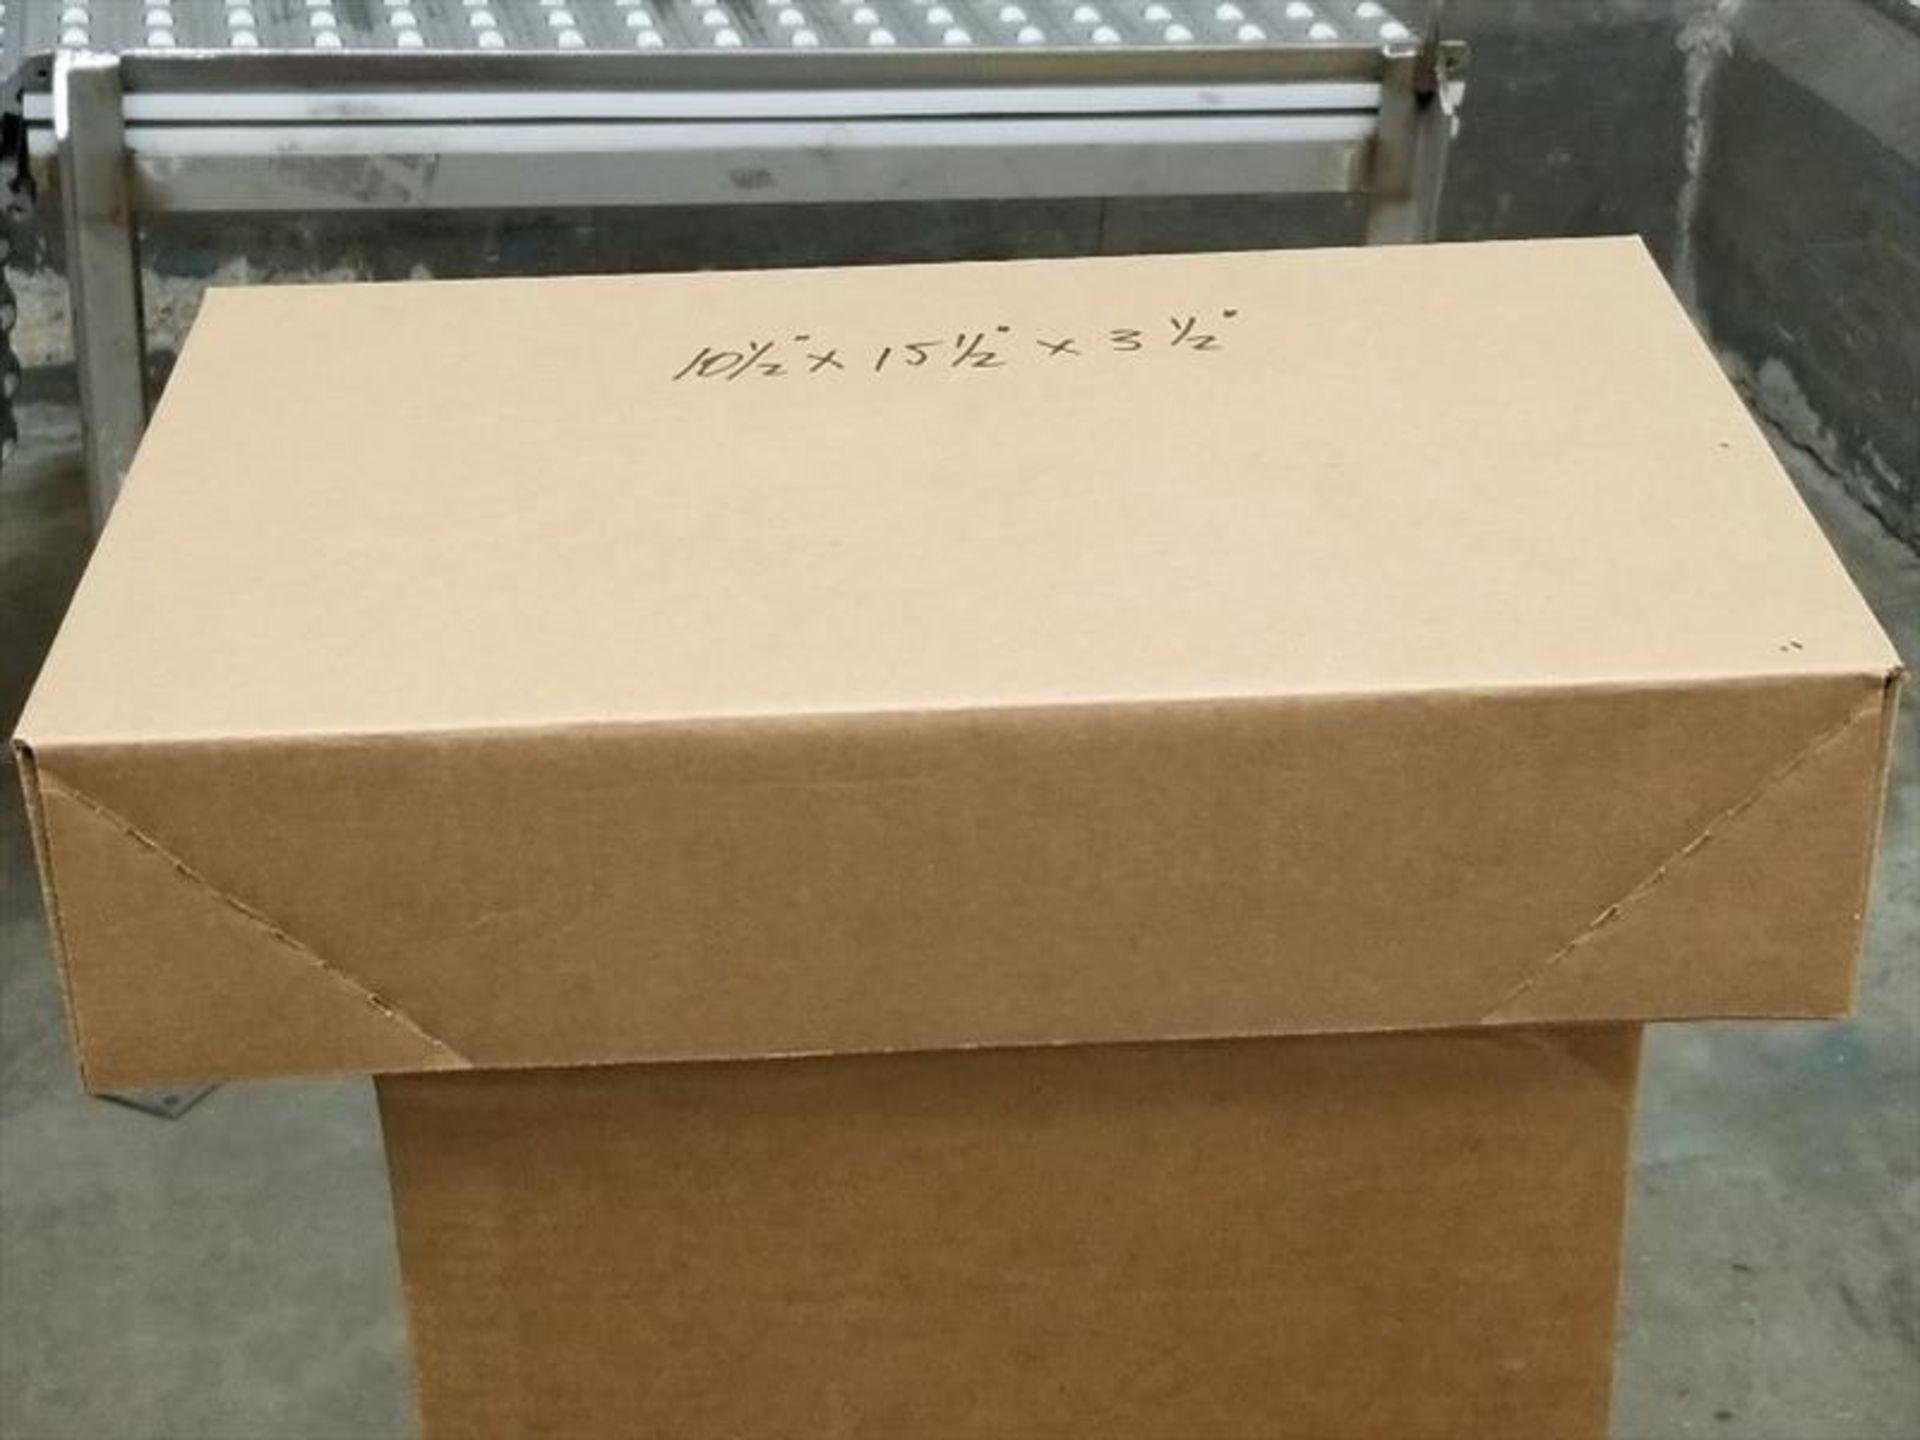 Lot 220 - (10 bundles, 2500) 7H/'7S PP overwrap foam trays, Cascade, pink